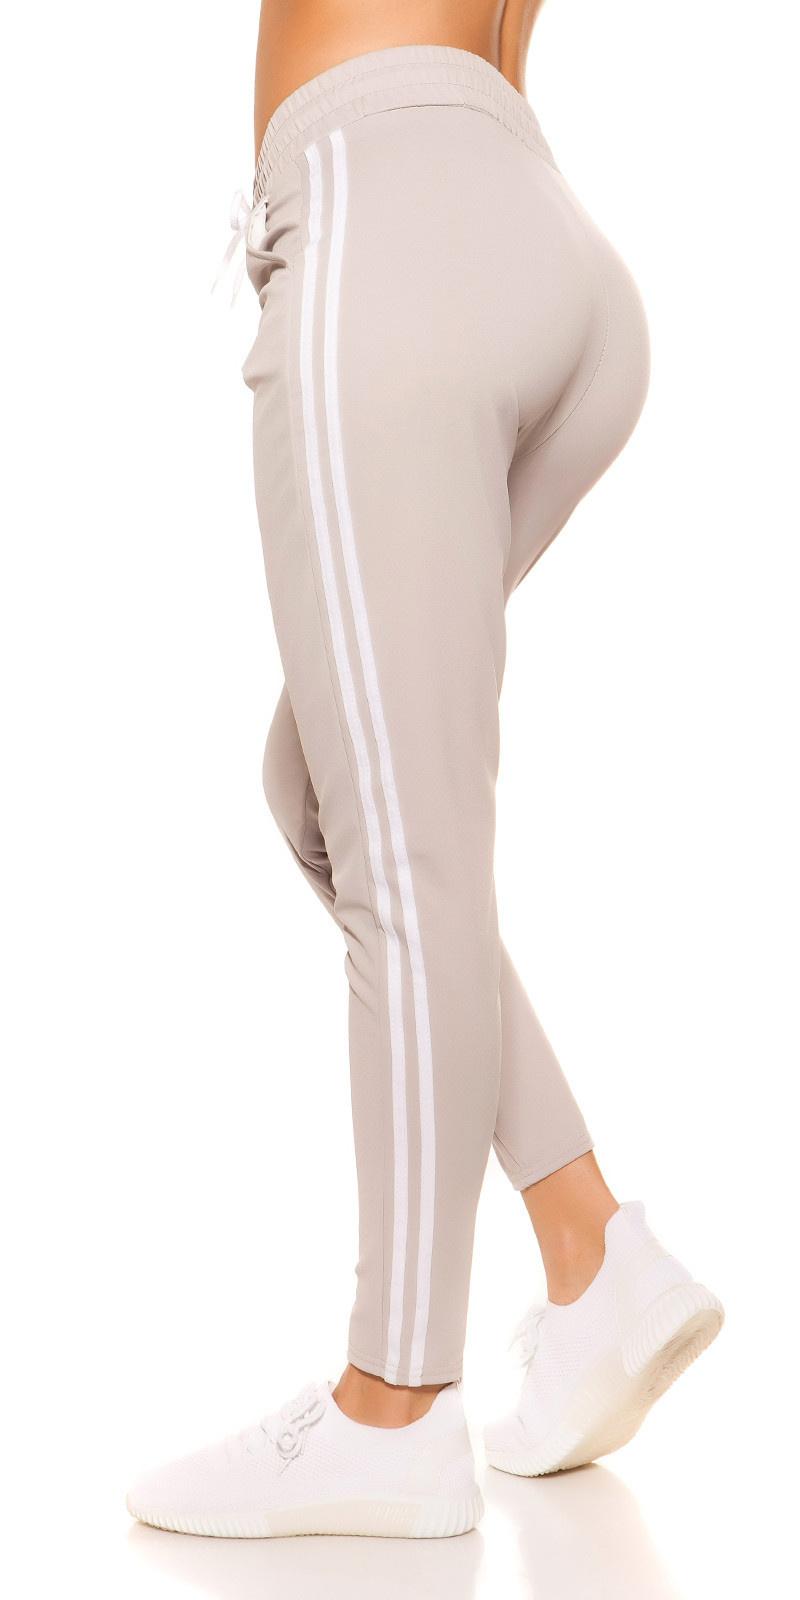 Trendy joggingbroek met strepen jaren 90 retro look grijs